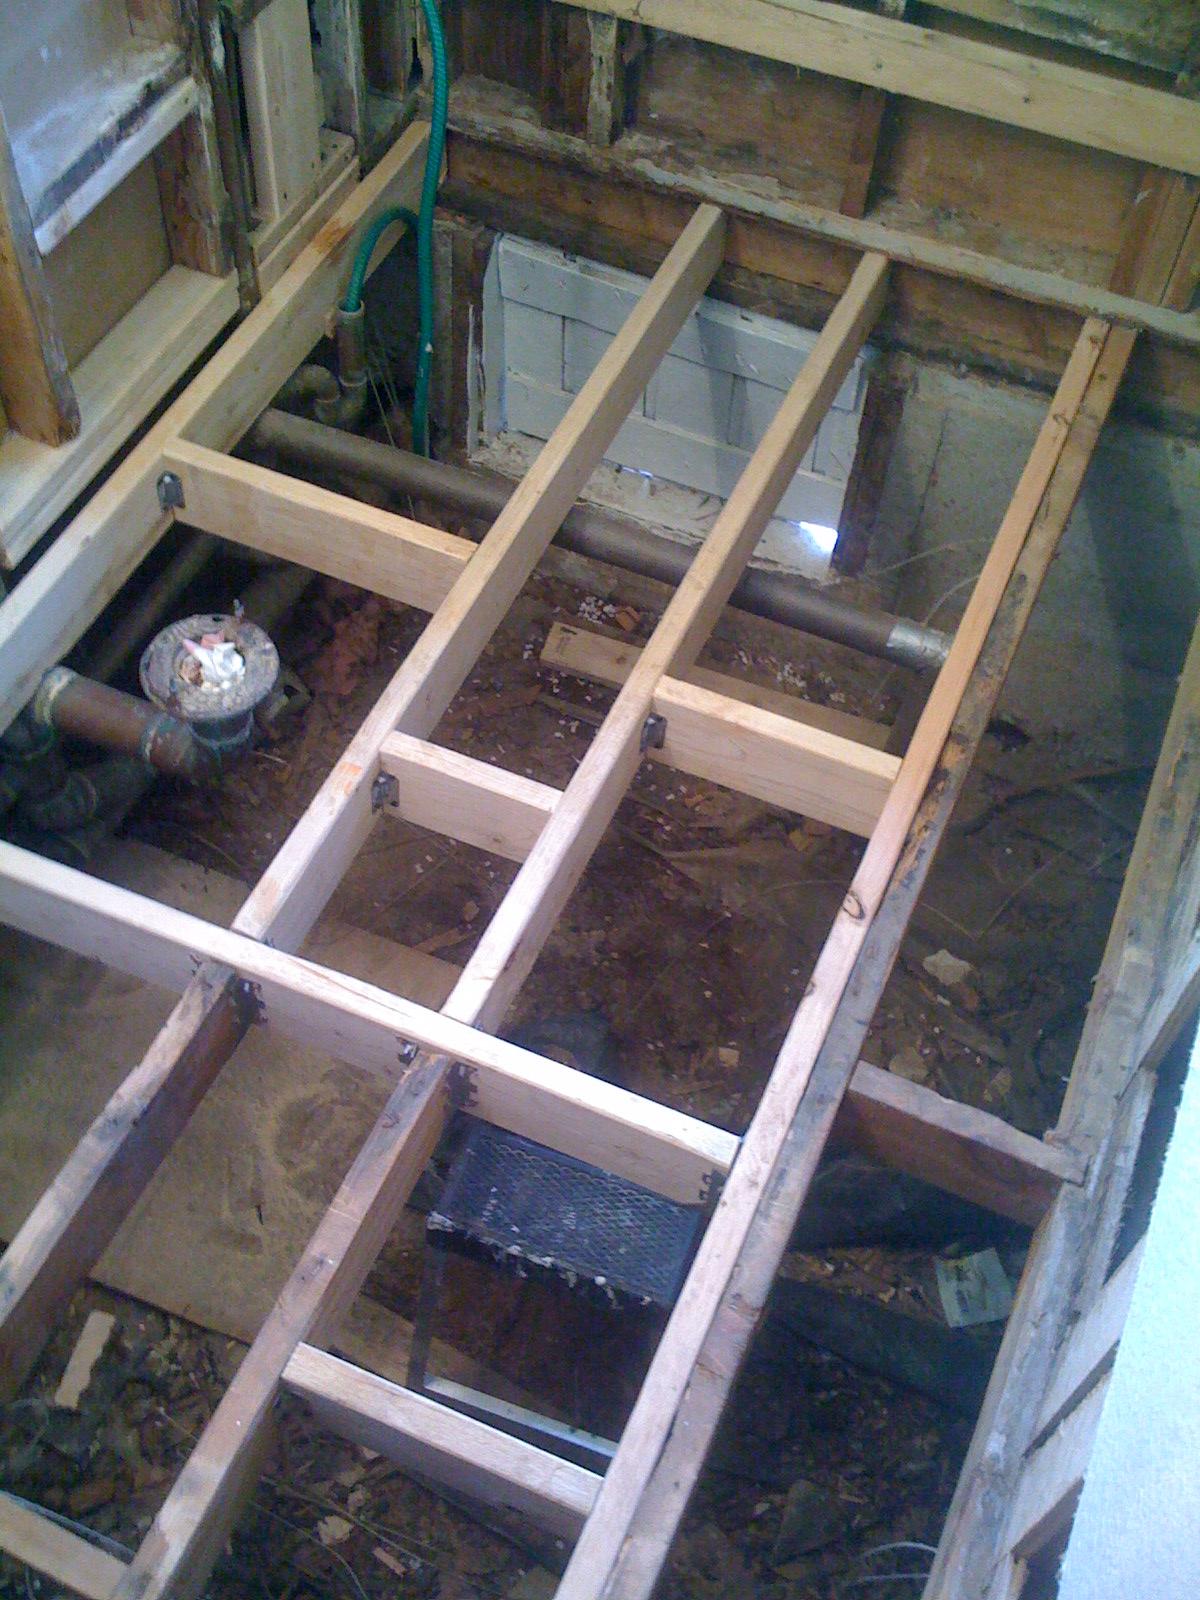 Bathroom Subfloor Replacement Cost Tyresc - Bathroom subfloor replacement cost